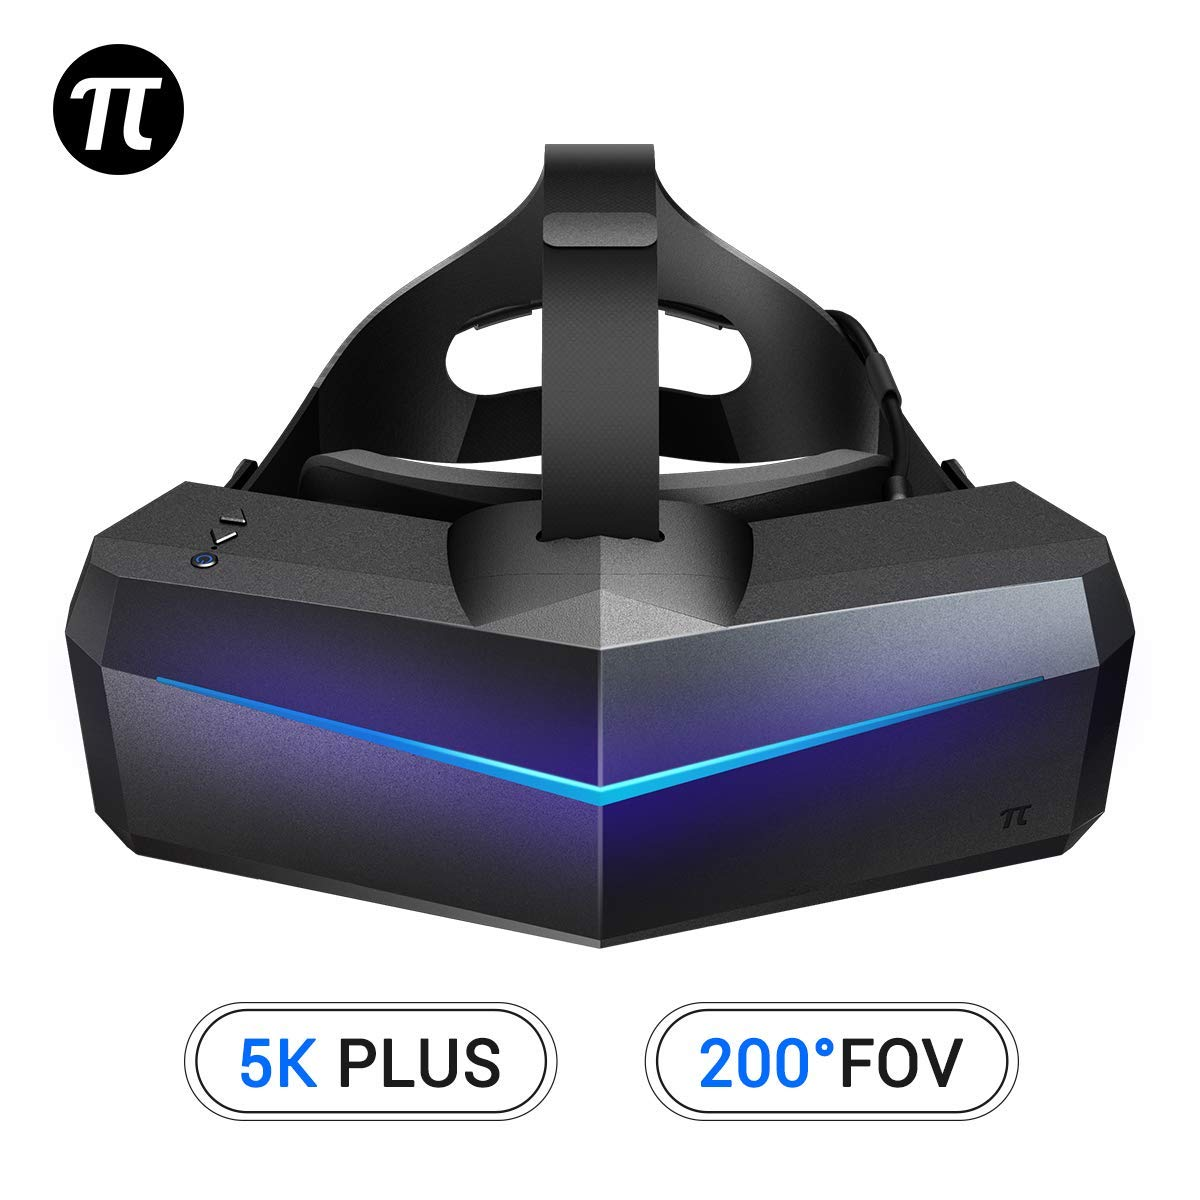 Pimax 5K Plus VR Casque de Réalité Virtuelle, Avec un Champ de Vision de 200°, Double Moniteur LCD RGB 2560x1440p, 1-Année de Garantie,[Casque Seulement]